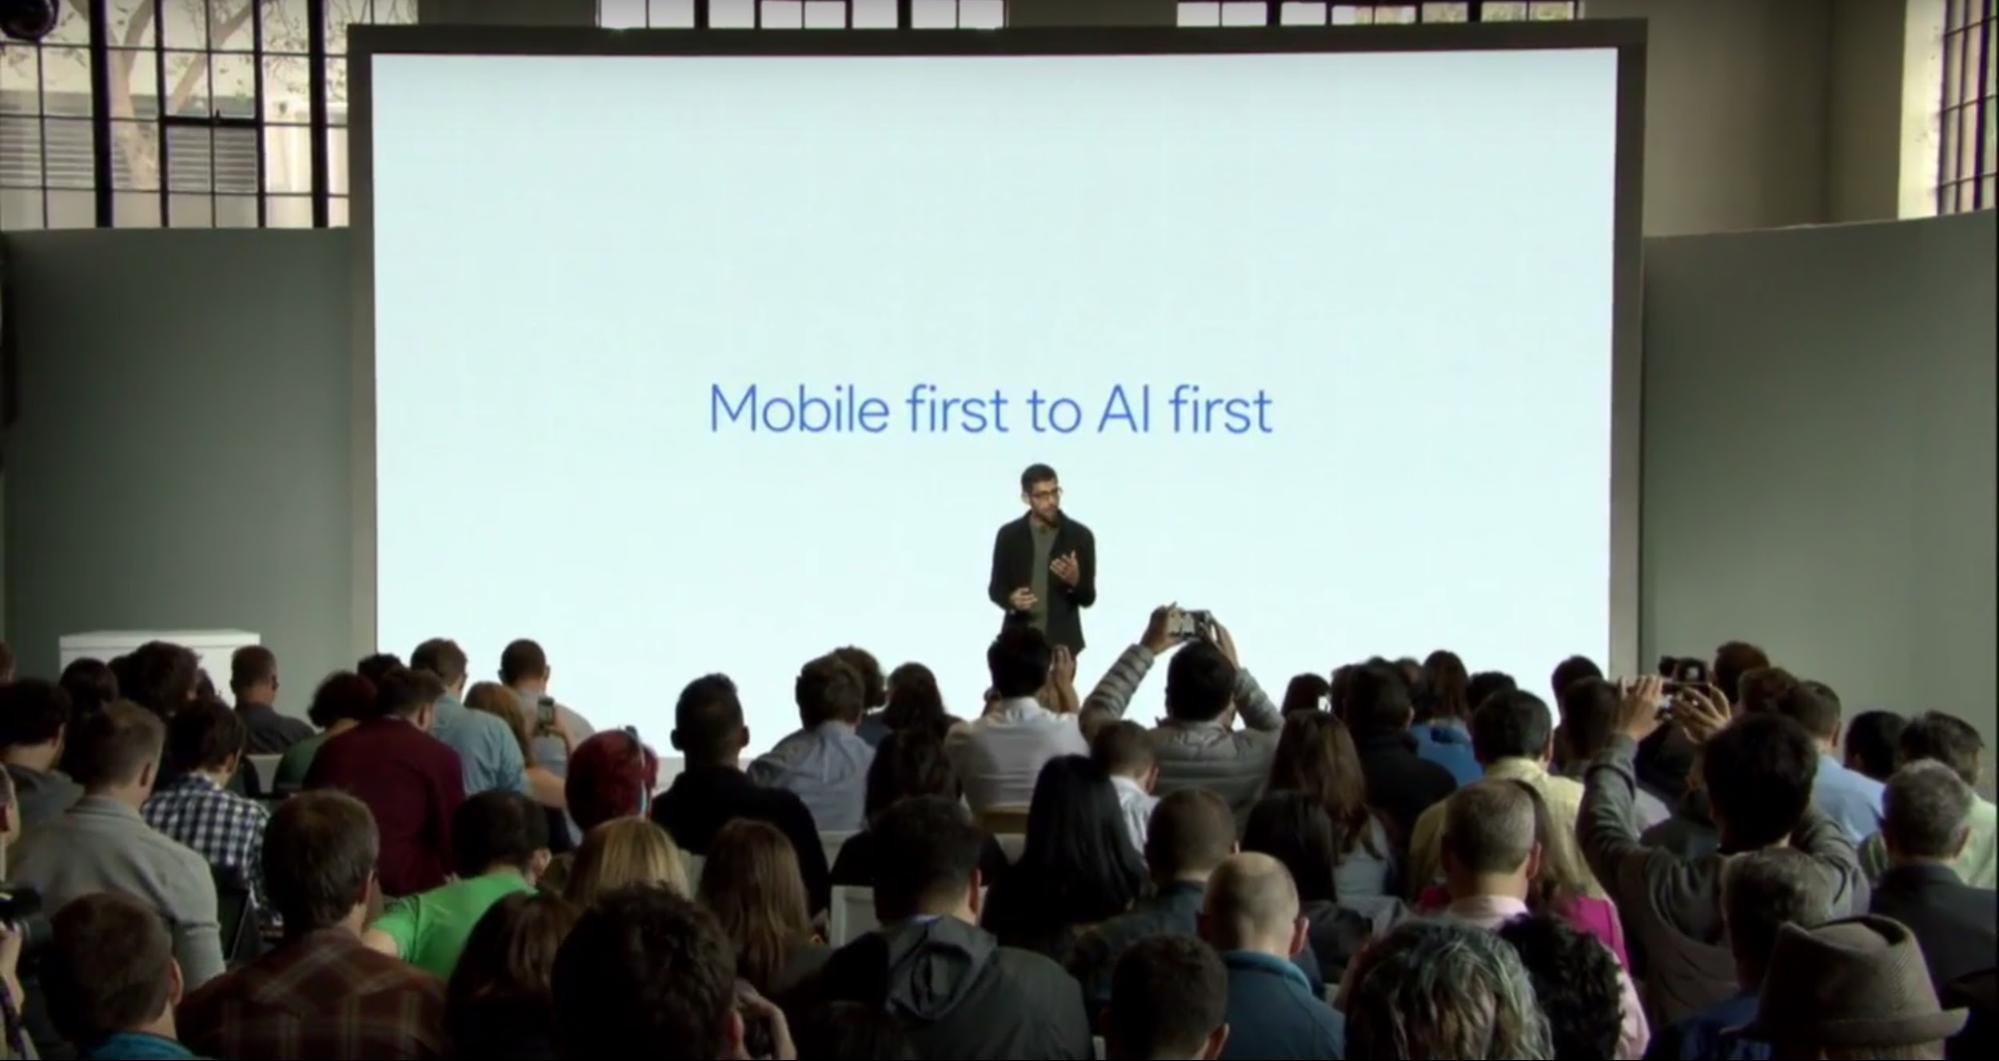 Google秋季新品发布会,带领人类从移动时代进入AI时代,并揶揄了苹果7次